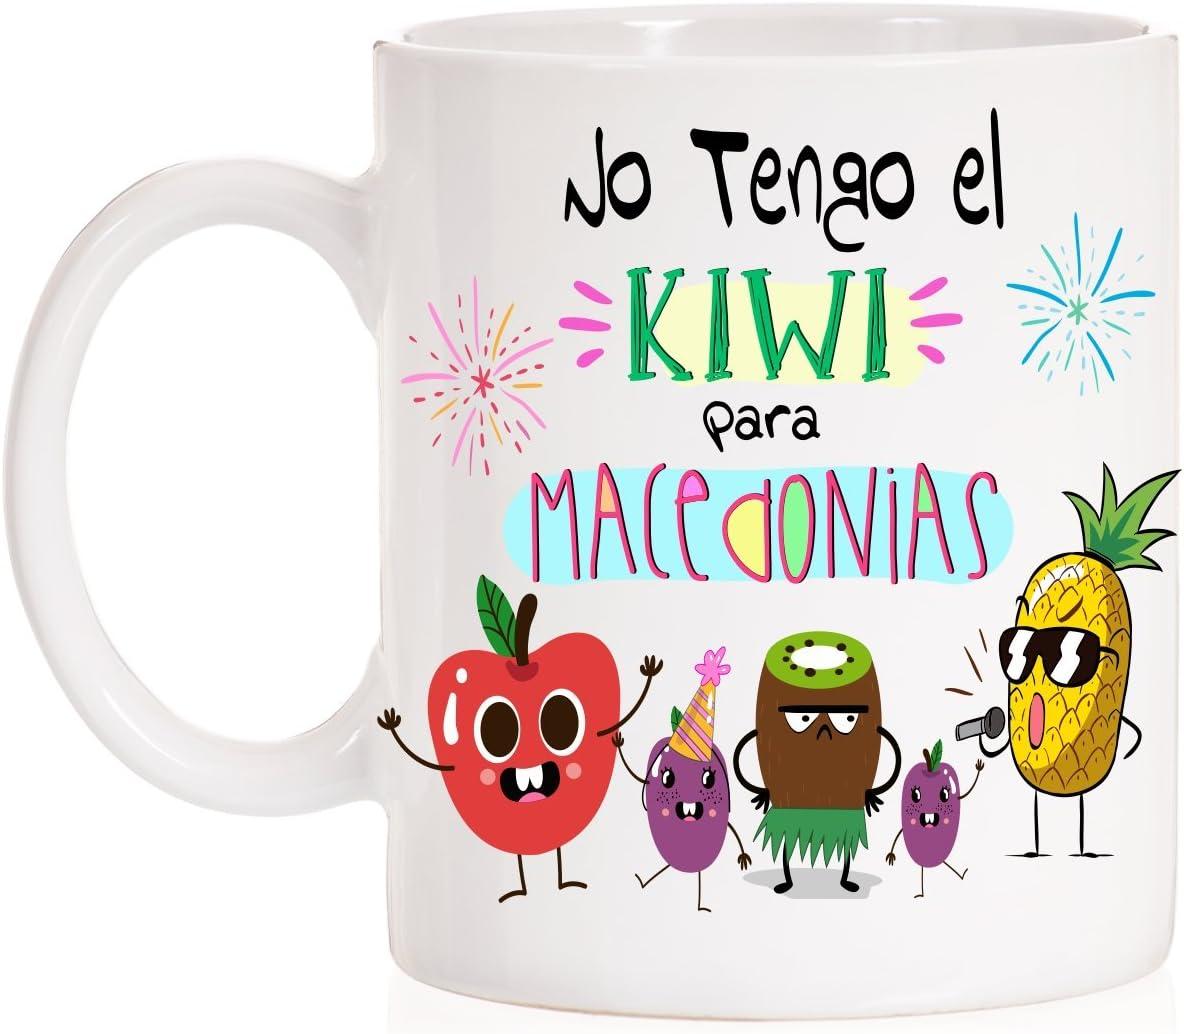 Taza No Tengo el Kiwi para macedonias. Divertida Taza de Regalo para Amigas o para cumpleaños, Fiestas. Ideal para sorprender con Caja Divertida a Juego.